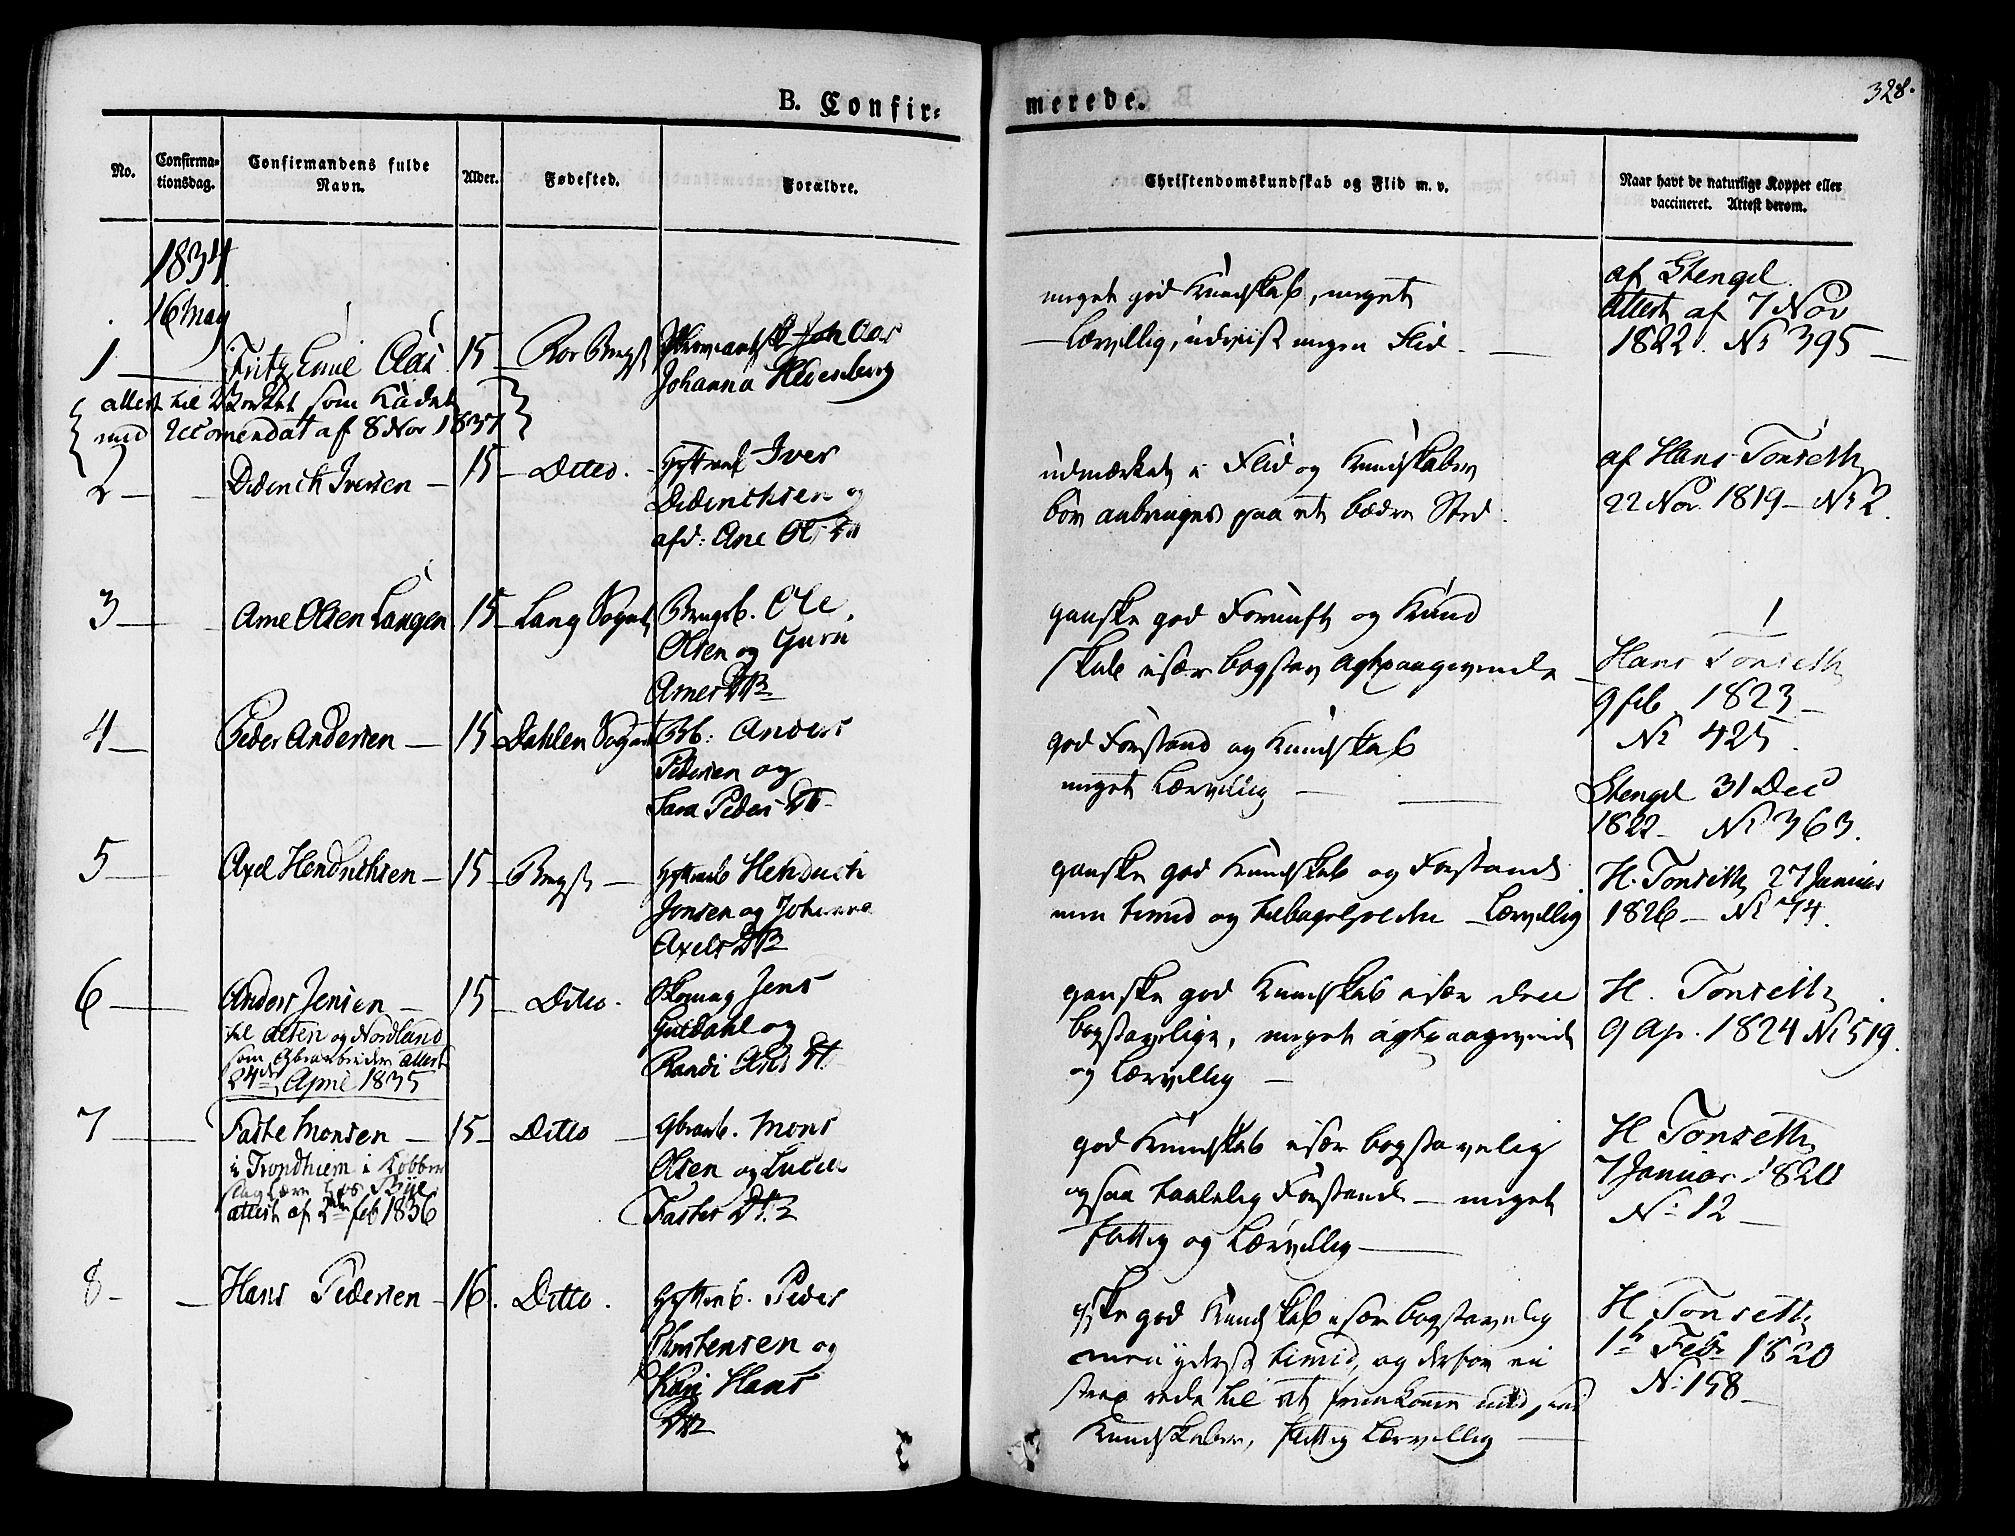 SAT, Ministerialprotokoller, klokkerbøker og fødselsregistre - Sør-Trøndelag, 681/L0930: Ministerialbok nr. 681A08, 1829-1844, s. 328